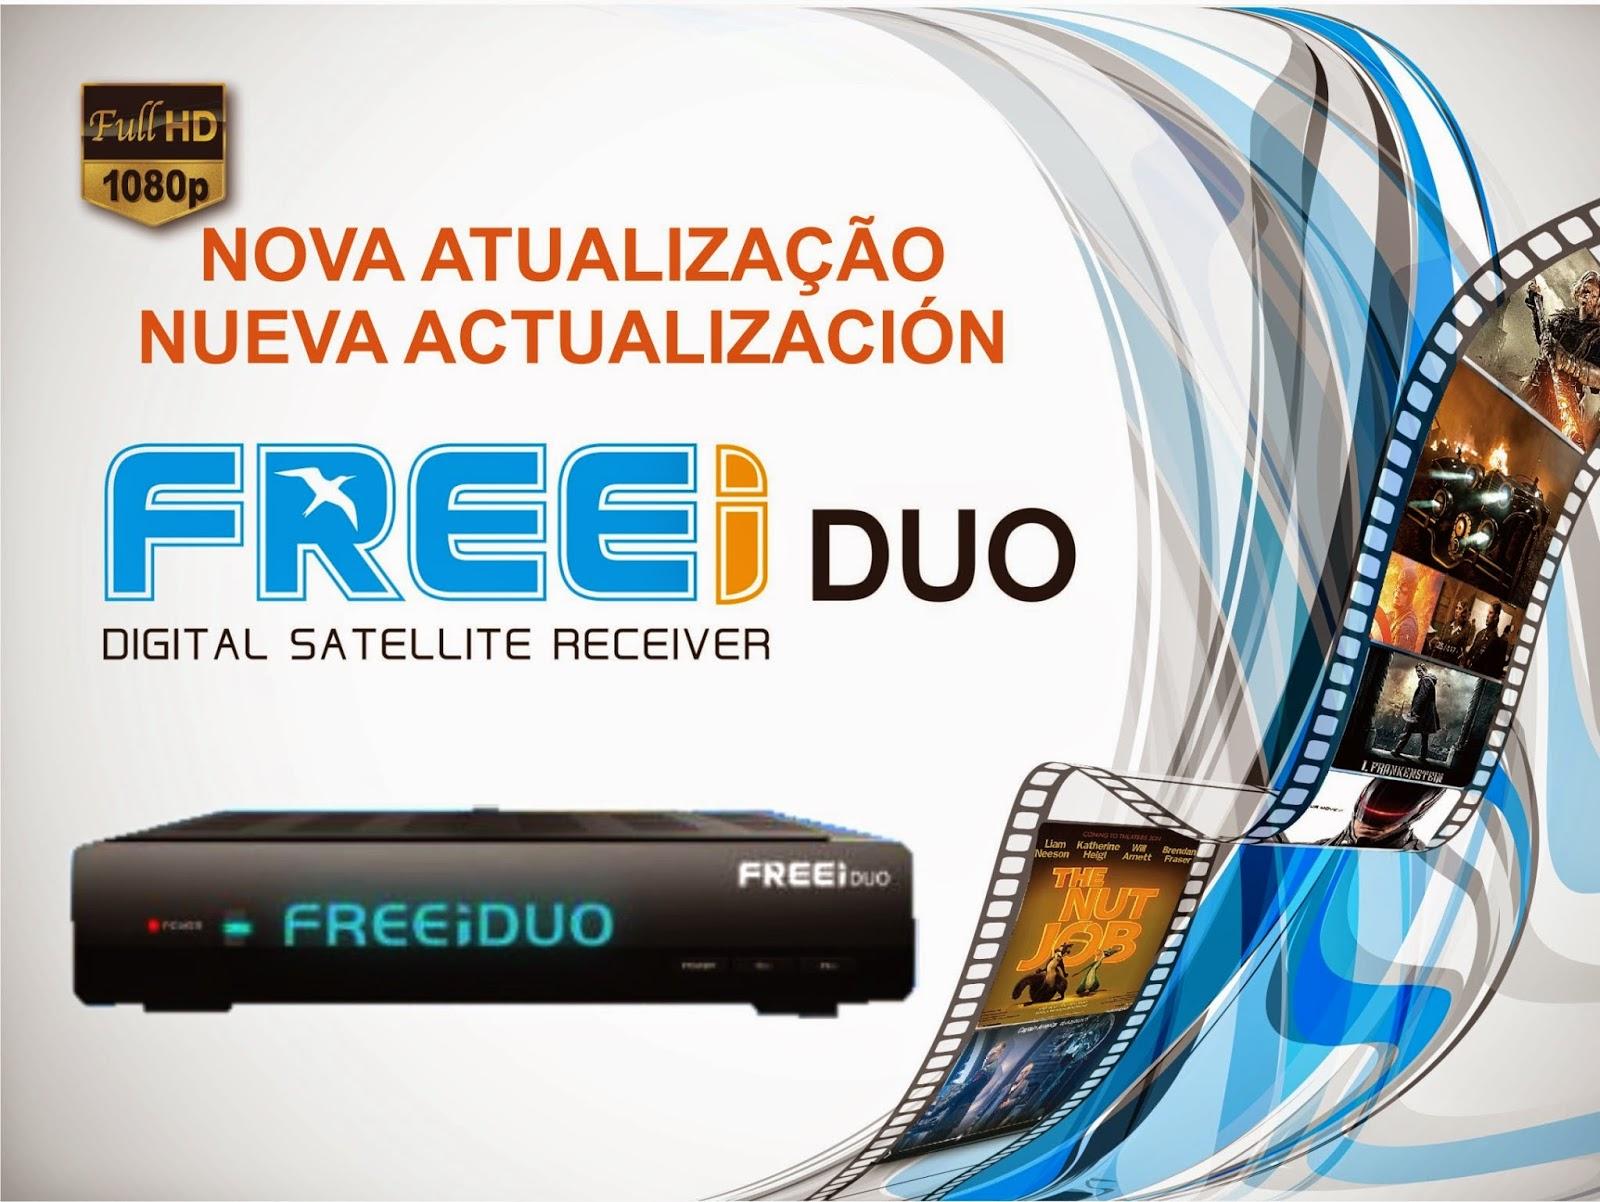 FREEI DUO V4.00, FREEI PETRA V2.76 ATUALIZAÇÃO 0ACT+FREEI+DUO